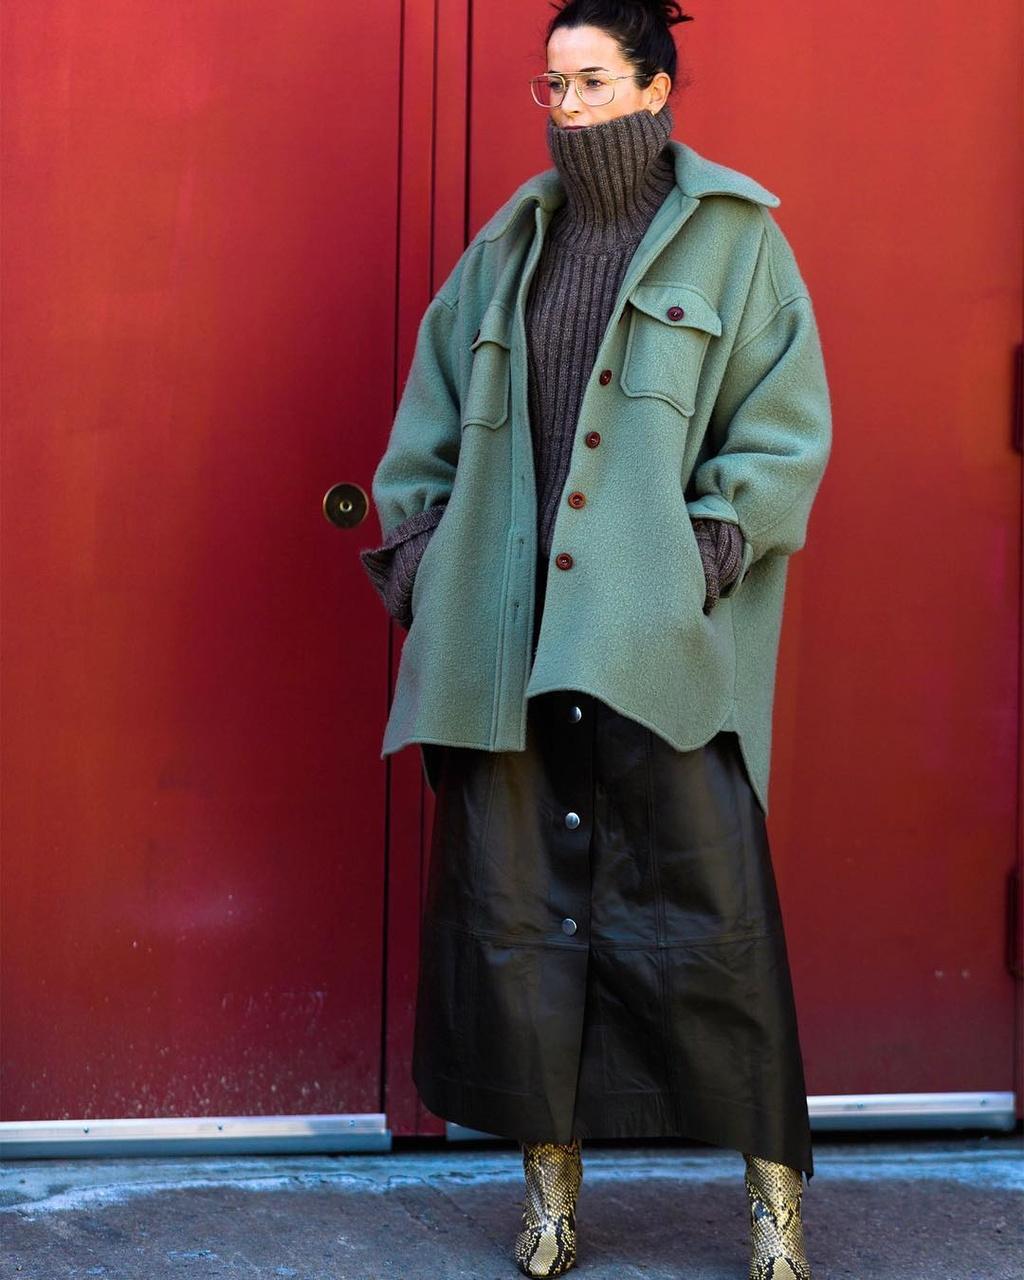 Tuan le thoi trang Thu - Dong 2019: New York am ap cung tong mau nau hinh anh 15